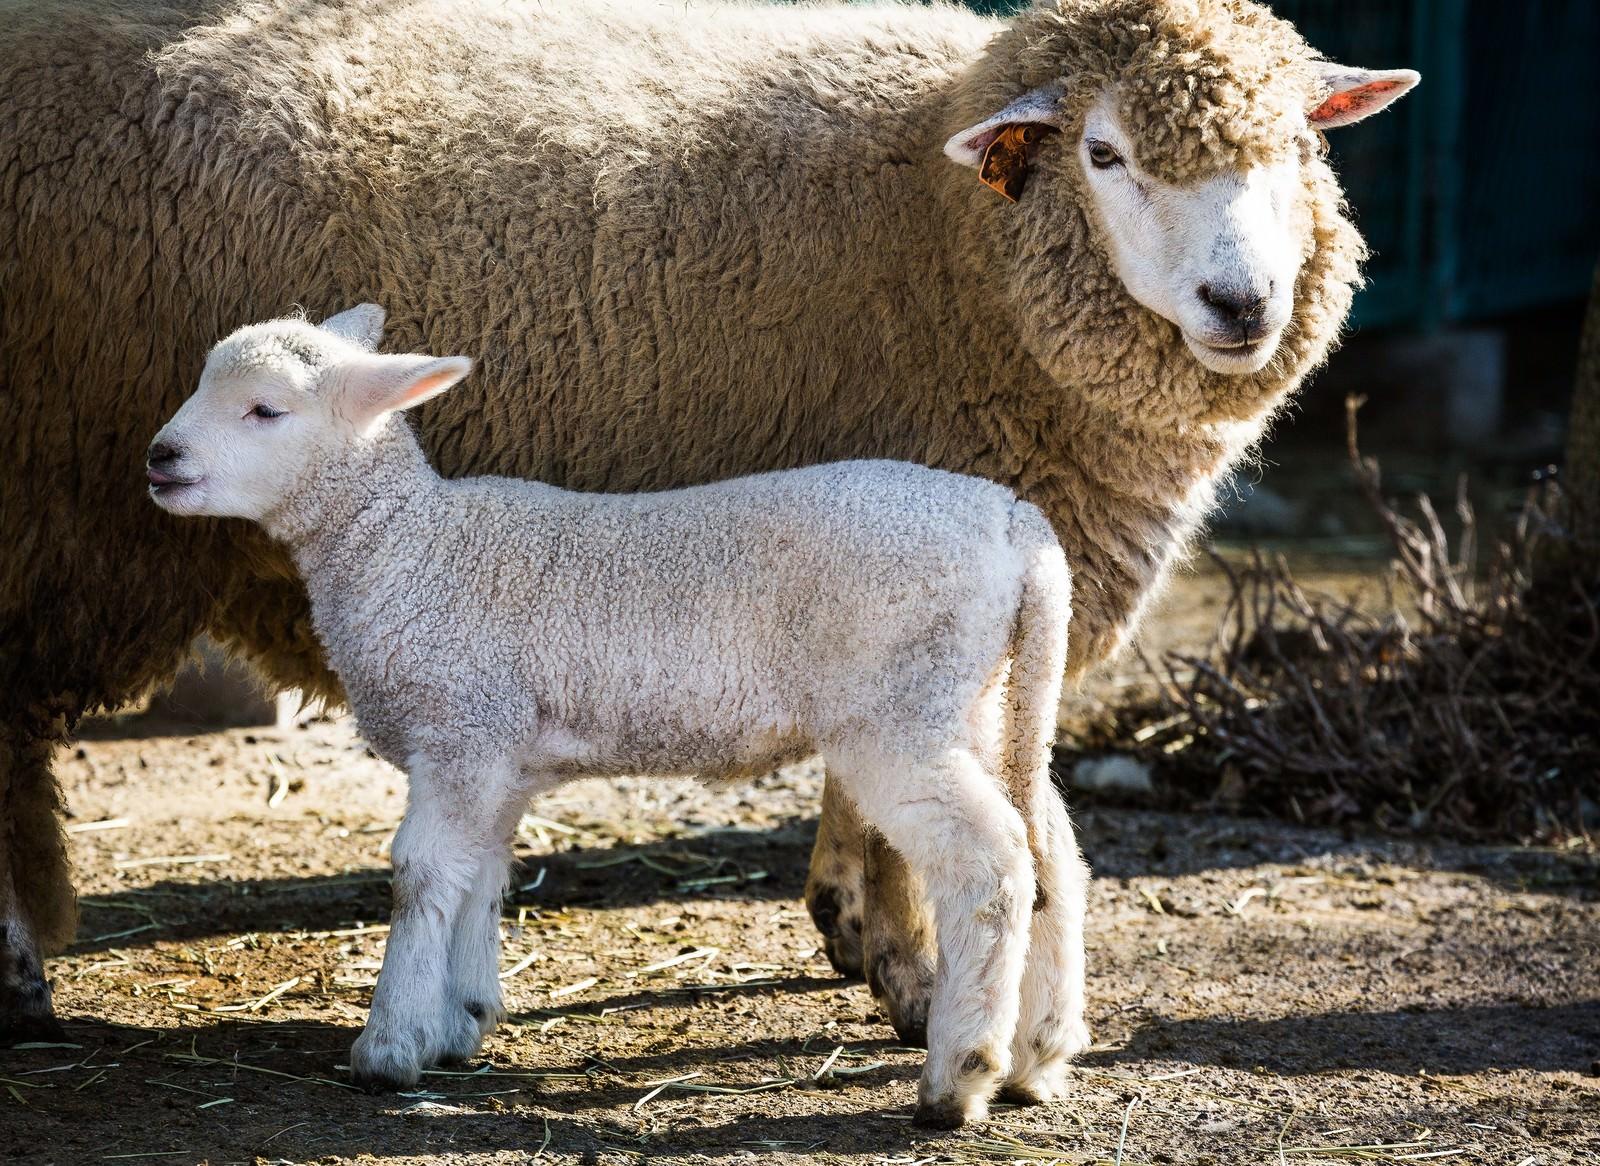 「もこもこの親羊と子羊」の写真